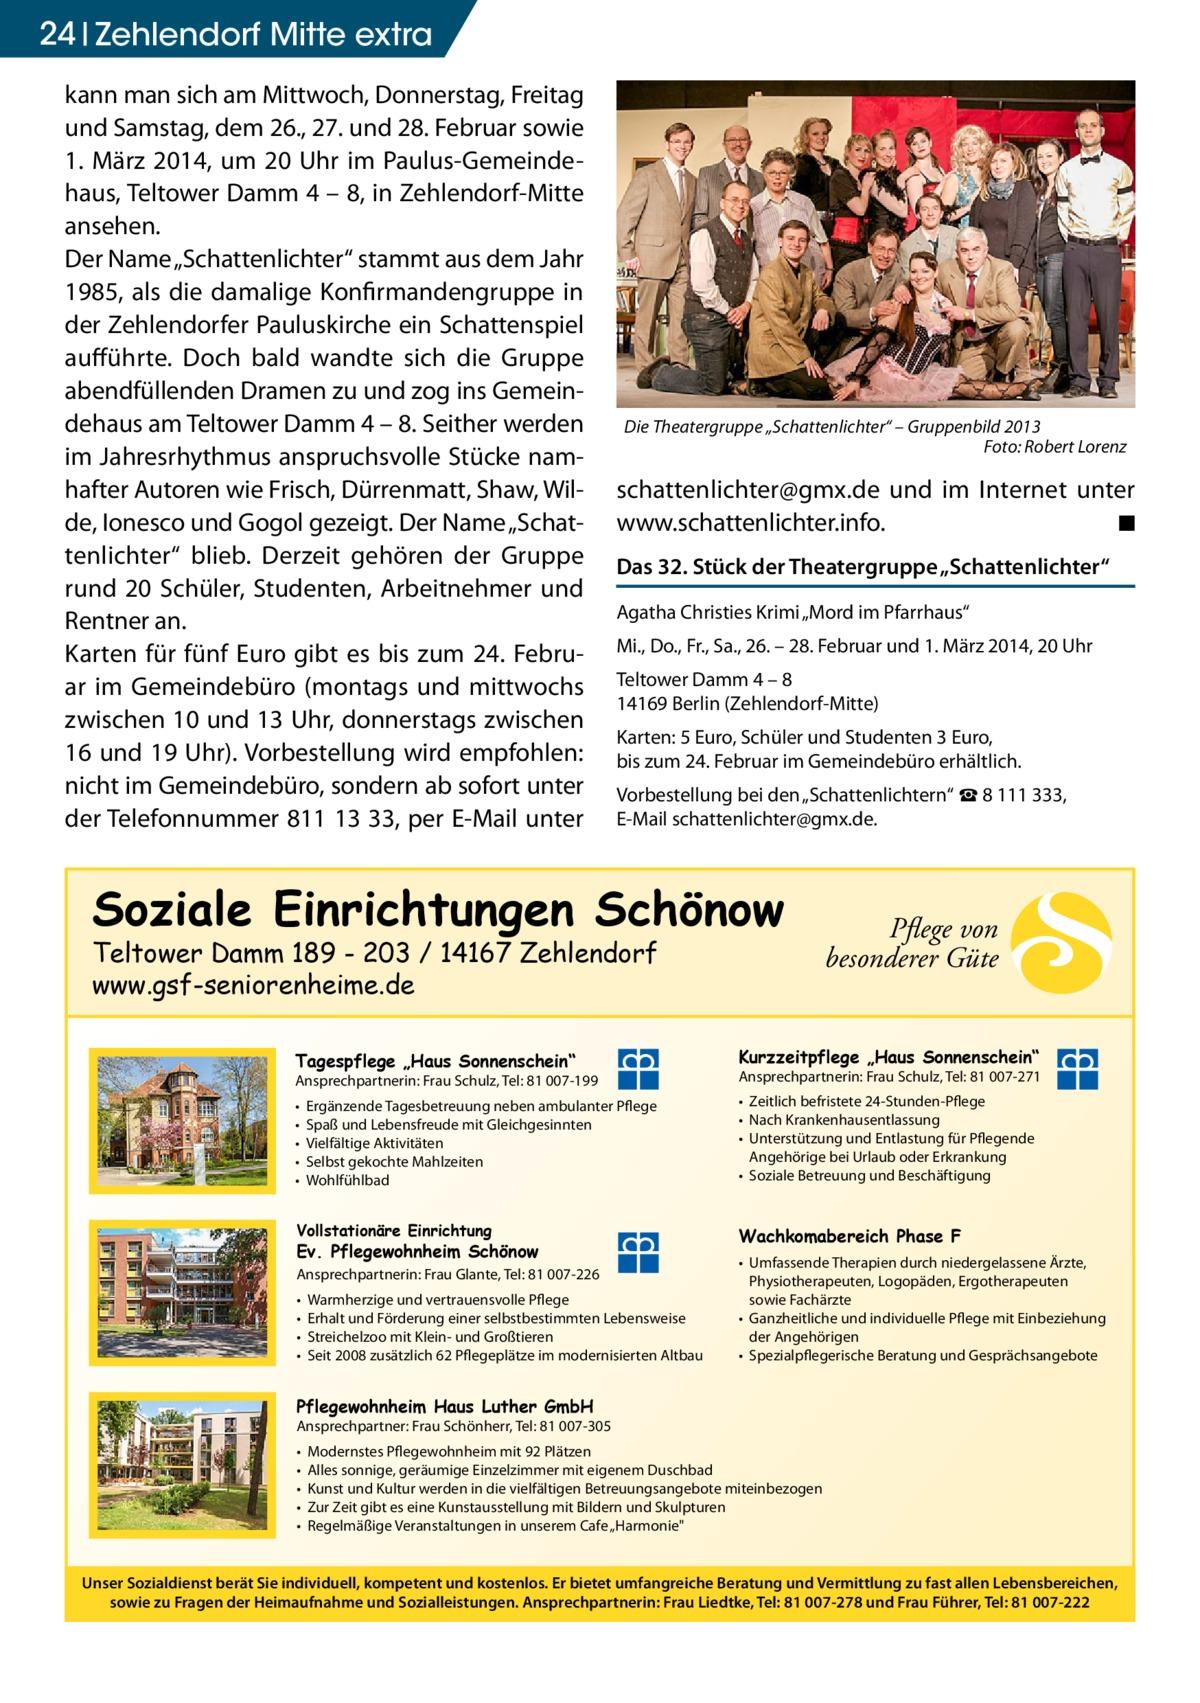 """24 Zehlendorf Mitte extra kann man sich am Mittwoch, Donnerstag, Freitag und Samstag, dem 26., 27. und 28. Februar sowie 1. März 2014, um 20 Uhr im Paulus-Gemeindehaus, Teltower Damm 4 – 8, in Zehlendorf-Mitte ansehen. Der Name """"Schattenlichter"""" stammt aus dem Jahr 1985, als die damalige Konfirmandengruppe in der Zehlendorfer Pauluskirche ein Schattenspiel aufführte. Doch bald wandte sich die Gruppe abendfüllenden Dramen zu und zog ins Gemeindehaus am Teltower Damm 4 – 8. Seither werden im Jahresrhythmus anspruchsvolle Stücke namhafter Autoren wie Frisch, Dürrenmatt, Shaw, Wilde, Ionesco und Gogol gezeigt. Der Name """"Schattenlichter"""" blieb. Derzeit gehören der Gruppe rund 20 Schüler, Studenten, Arbeitnehmer und Rentner an. Karten für fünf Euro gibt es bis zum 24. Februar im Gemeindebüro (montags und mittwochs zwischen 10 und 13 Uhr, donnerstags zwischen 16 und 19 Uhr). Vorbestellung wird empfohlen: nicht im Gemeindebüro, sondern ab sofort unter der Telefonnummer 811 13 33, per E-Mail unter  Die Theatergruppe """"Schattenlichter"""" – Gruppenbild 2013 � Foto: Robert Lorenz  s chattenlichter@gmx.de und im Internet unter www.schattenlichter.info. � ◾ Das 32. Stück der Theatergruppe """"Schattenlichter"""" Agatha Christies Krimi """"Mord im Pfarrhaus"""" Mi., Do., Fr., Sa., 26. – 28. Februar und 1. März 2014, 20 Uhr Teltower Damm 4 – 8 14169 Berlin (Zehlendorf-Mitte) Karten: 5 Euro, Schüler und Studenten 3 Euro, bis zum 24. Februar im Gemeindebüro erhältlich. Vorbestellung bei den """"Schattenlichtern"""" ☎ 8 111 333, E-Mail schattenlichter@gmx.de.  Soziale Einrichtungen Schönow Teltower Damm 189 - 203 / 14167 Zehlendorf www.gsf-seniorenheime.de  Pflege von besonderer Güte  Tagespflege """"Haus Sonnenschein""""  Kurzzeitpflege """"Haus Sonnenschein""""  Ansprechpartnerin: Frau Schulz, Tel: 81 007-199  Ansprechpartnerin: Frau Schulz, Tel: 81 007-271  • • • • •  • Zeitlich befristete 24-Stunden-Pflege • Nach Krankenhausentlassung • Unterstützung und Entlastung für Pflegende Angehörige bei Urlaub oder Erkrank"""